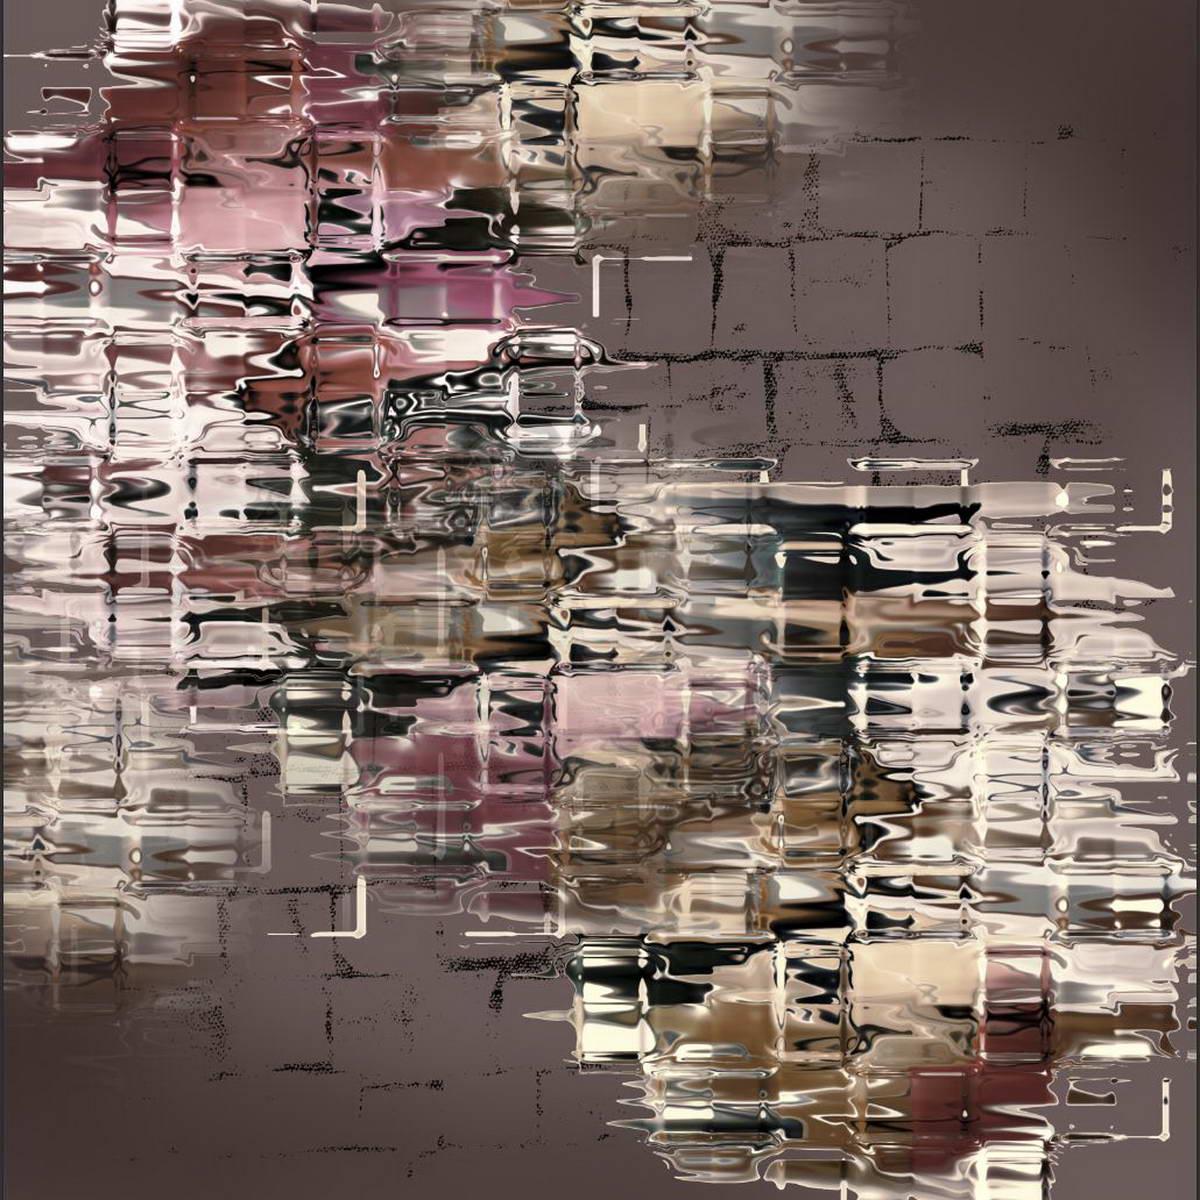 Платок Venera, цвет: какао, серый, розовый. 3902627-5. Размер 90 см х 90 см3902627-5Платок Venera выполнен из 100% полиэстера. Материал мягкий, уютный и приятный на ощупь. Модель дополнена интересным зеркальным принтом. Отличный выбор для повседневного городского образа. Необычный рисунок привлечет внимание окружающих. В нем вы будете неповторимы.